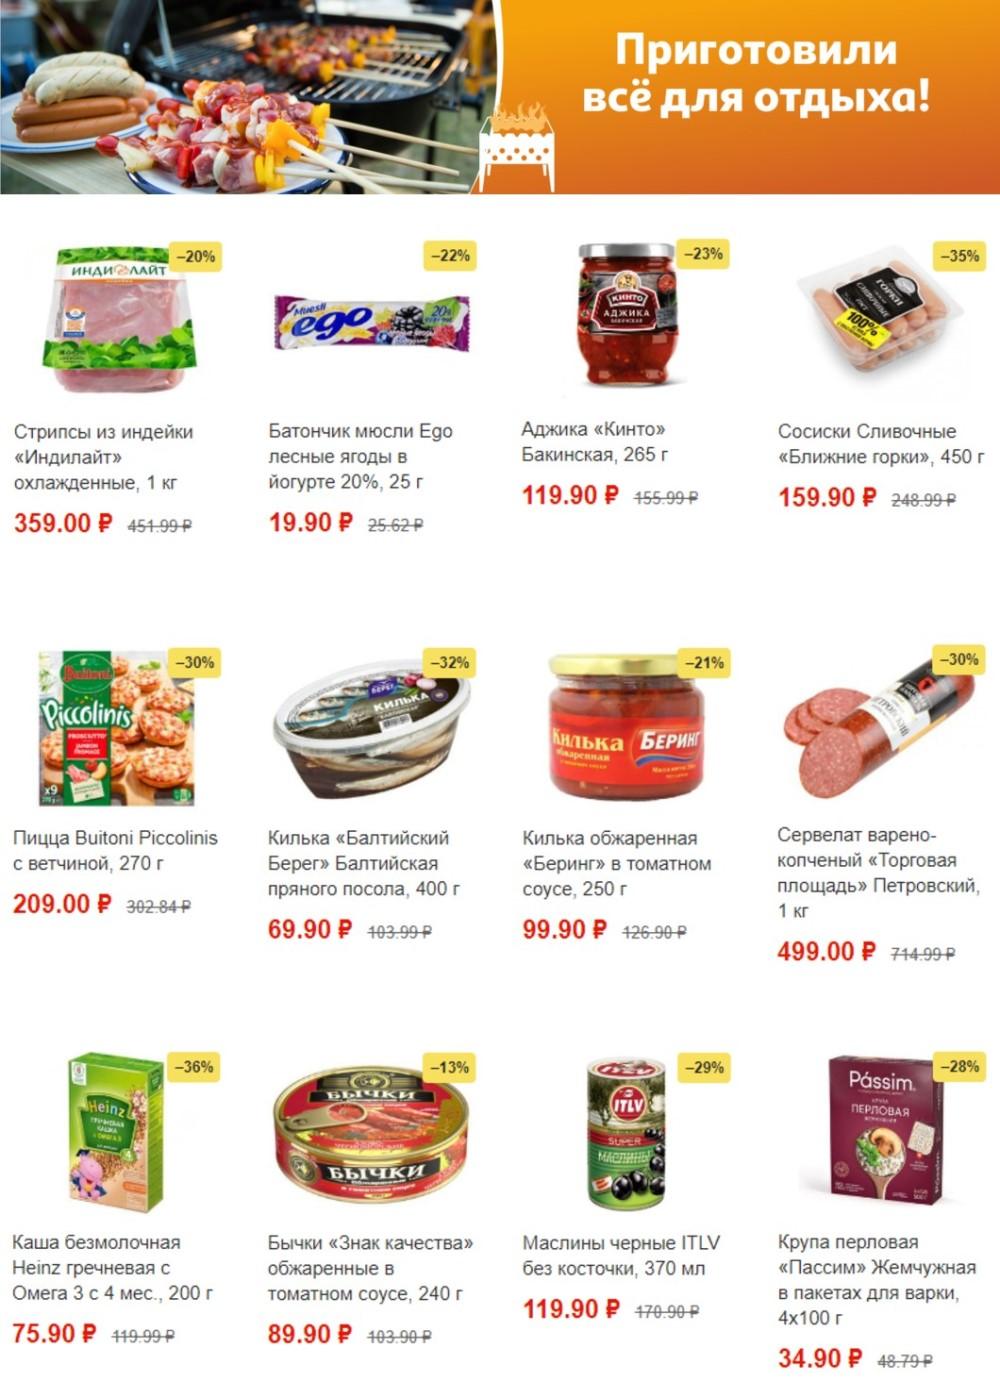 Новый каталог акций в Ашане г. Мытищи